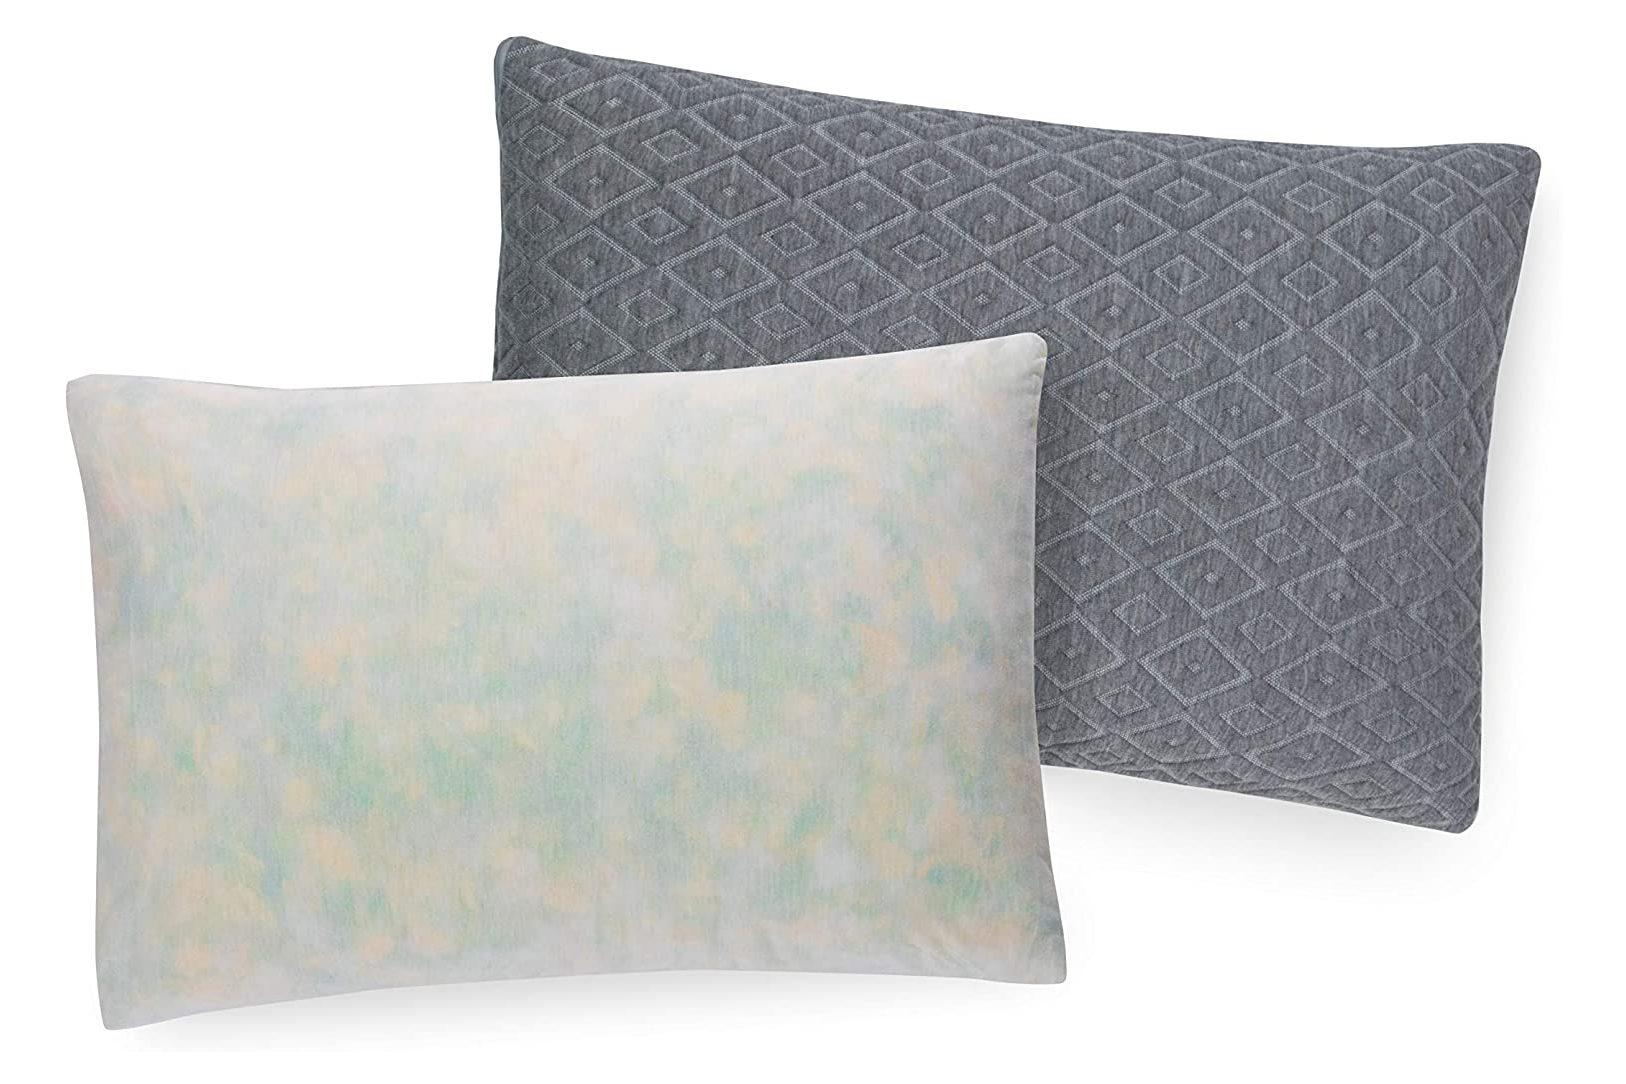 Brooklyn Bedding Shredded Foam Pillows